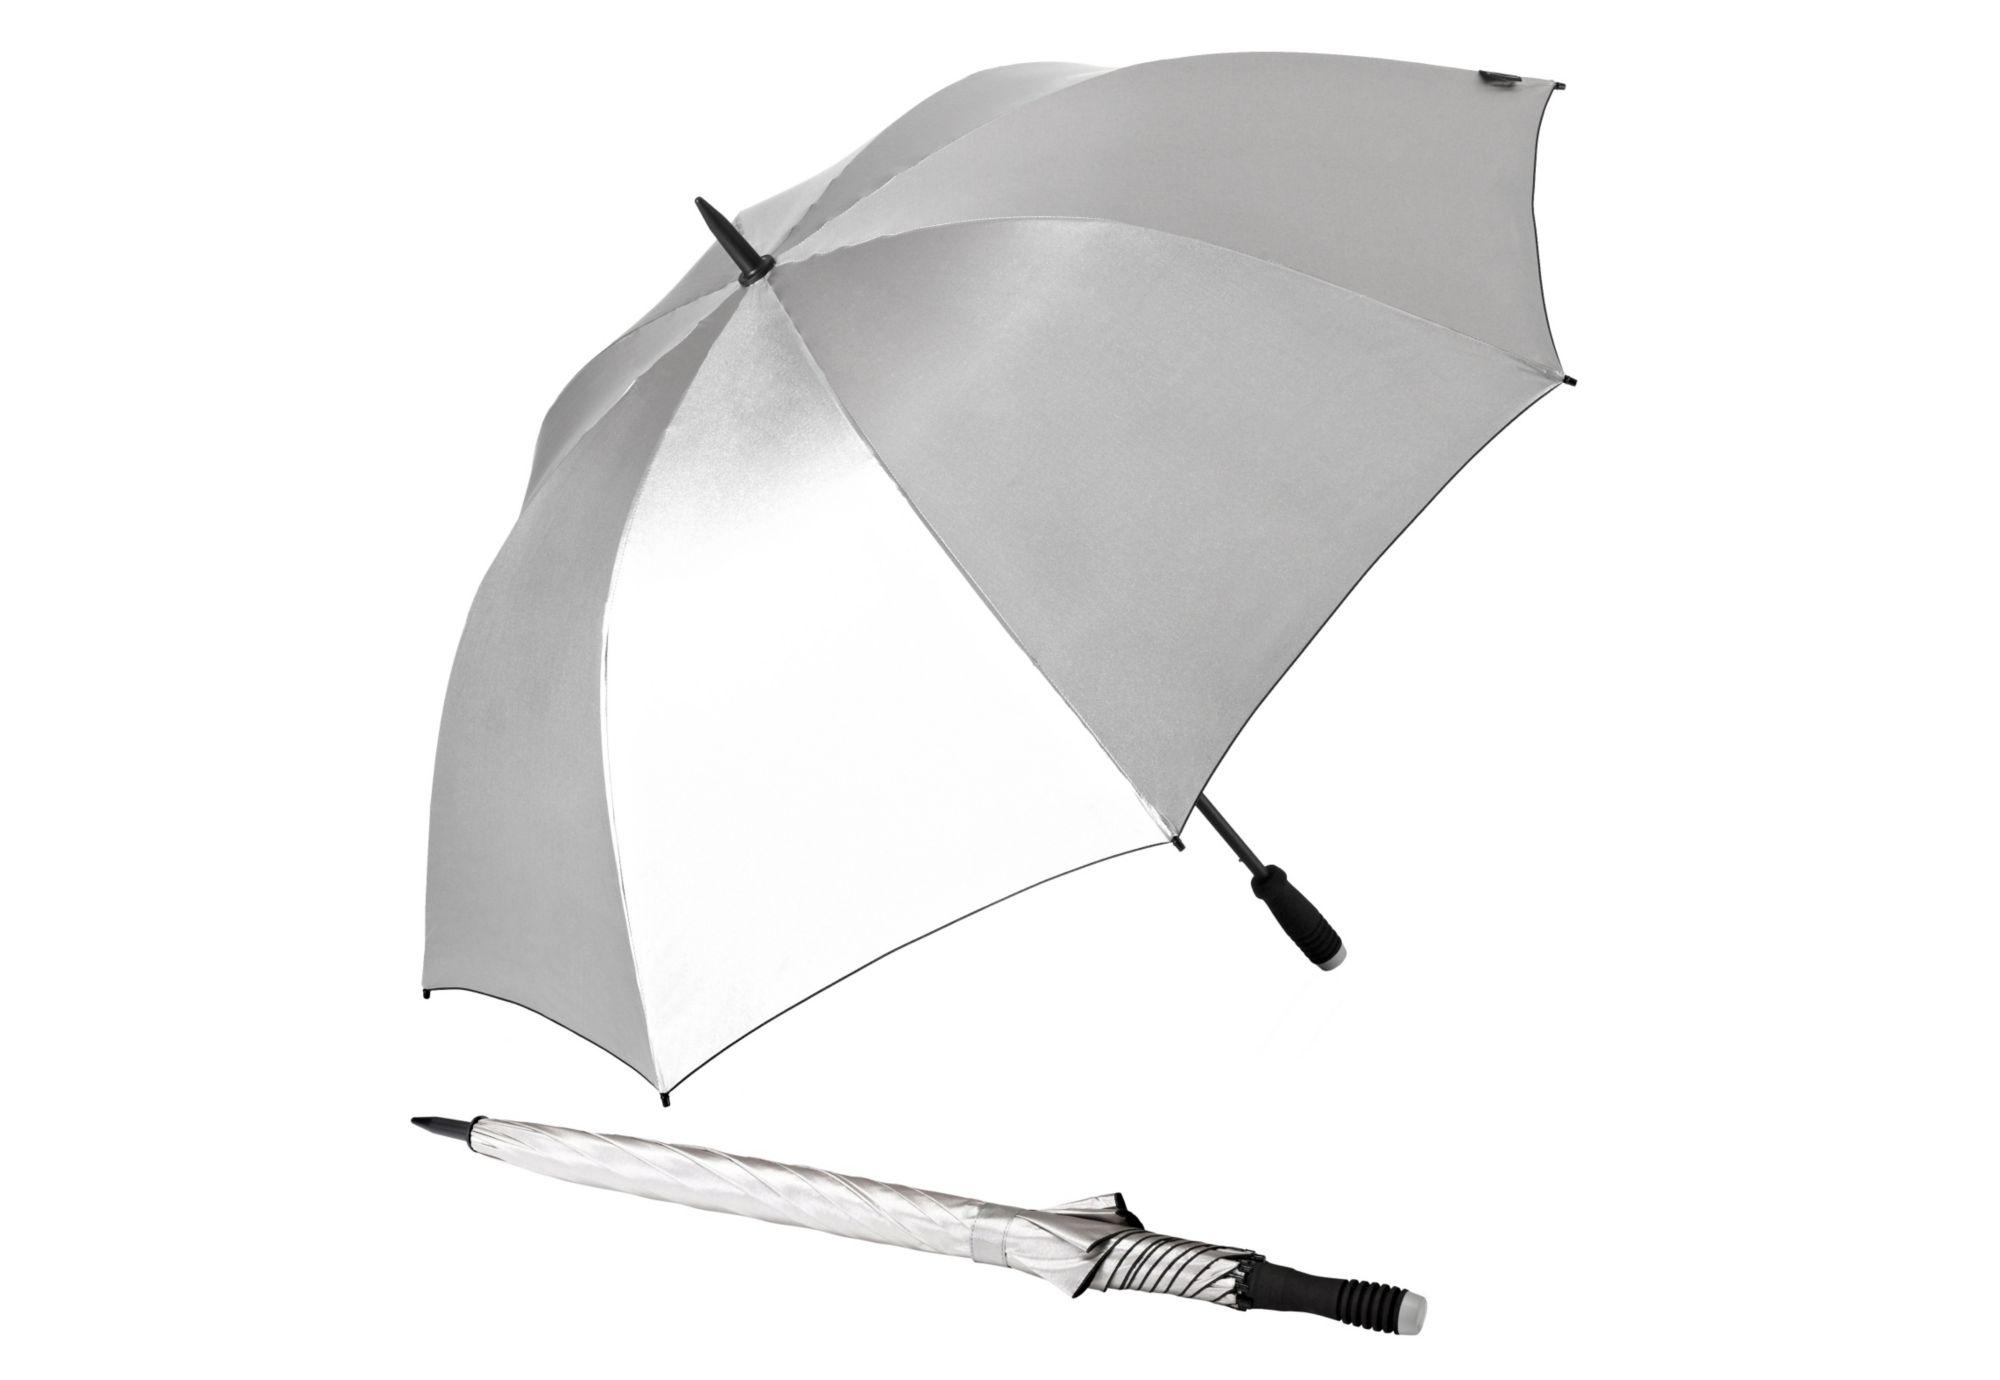 EUROSCHIRM® Euroschirm® Regenschirm Golfschirm, »birdiepal® telescopic«